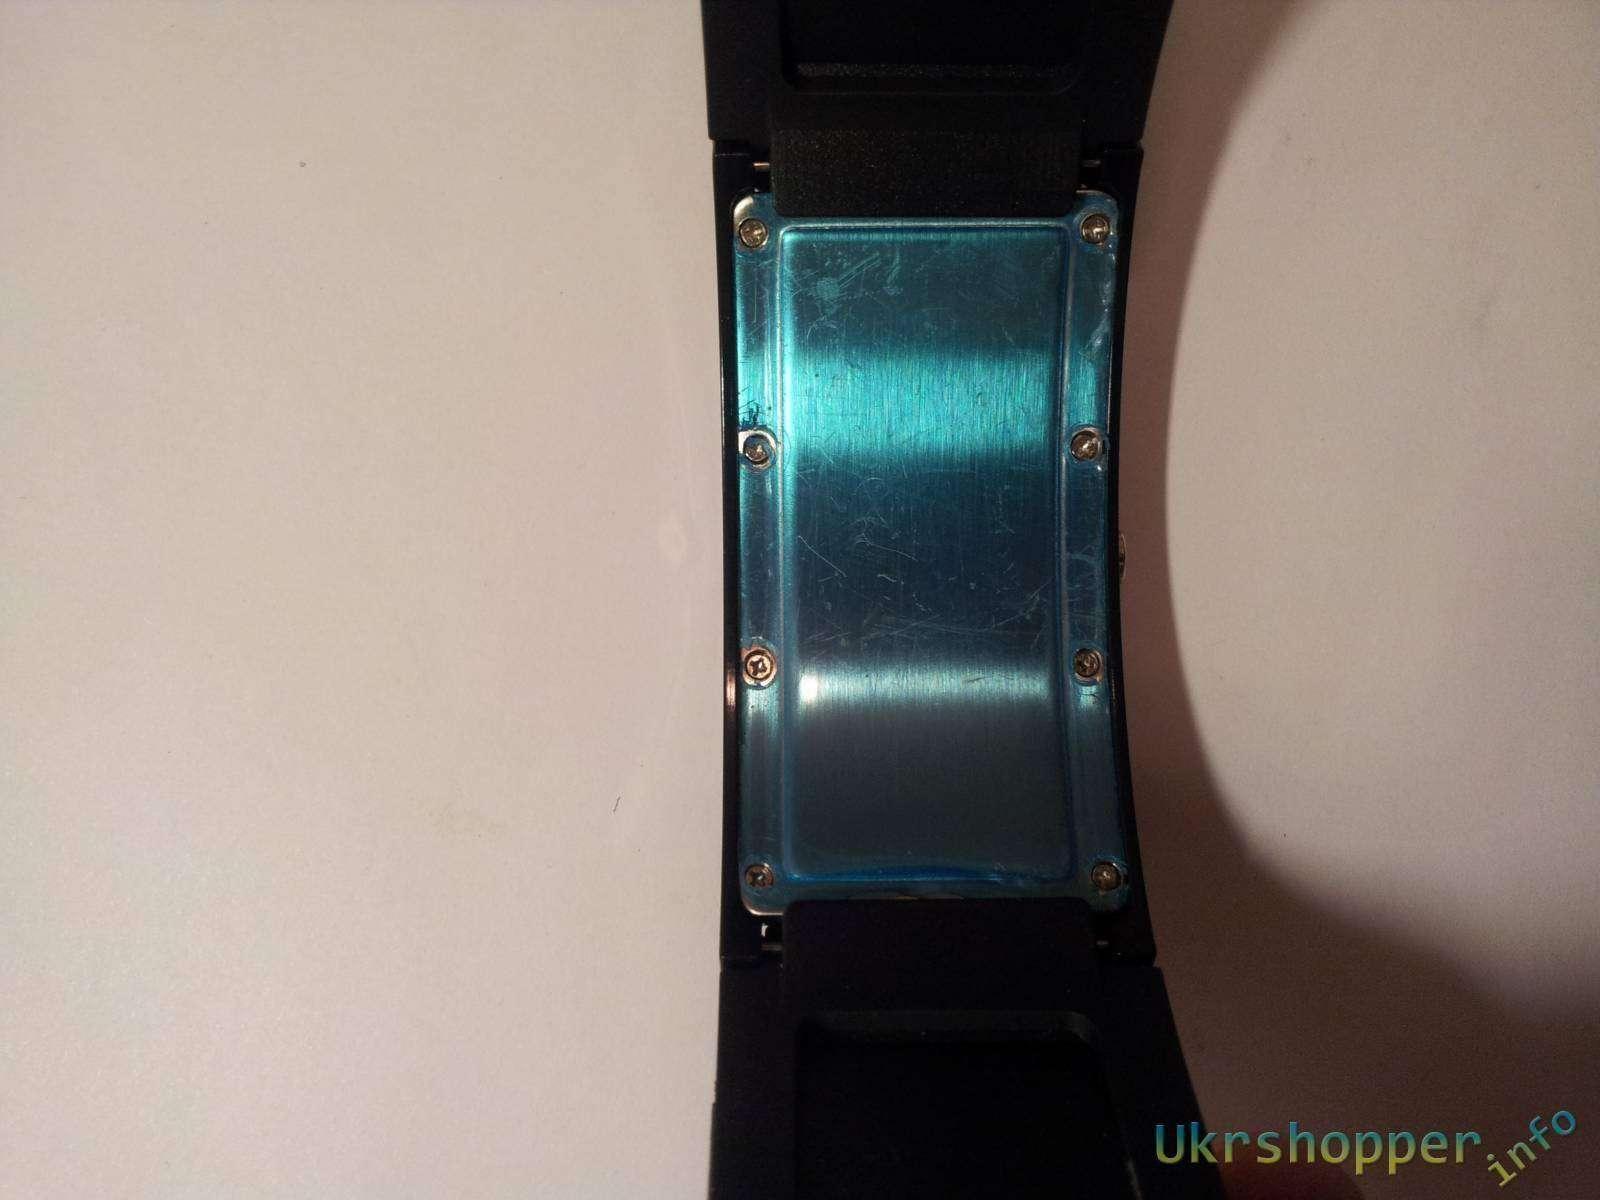 Aliexpress: Обзор оригинальных LED часов - браслета с настраиваемой бегущей строкой